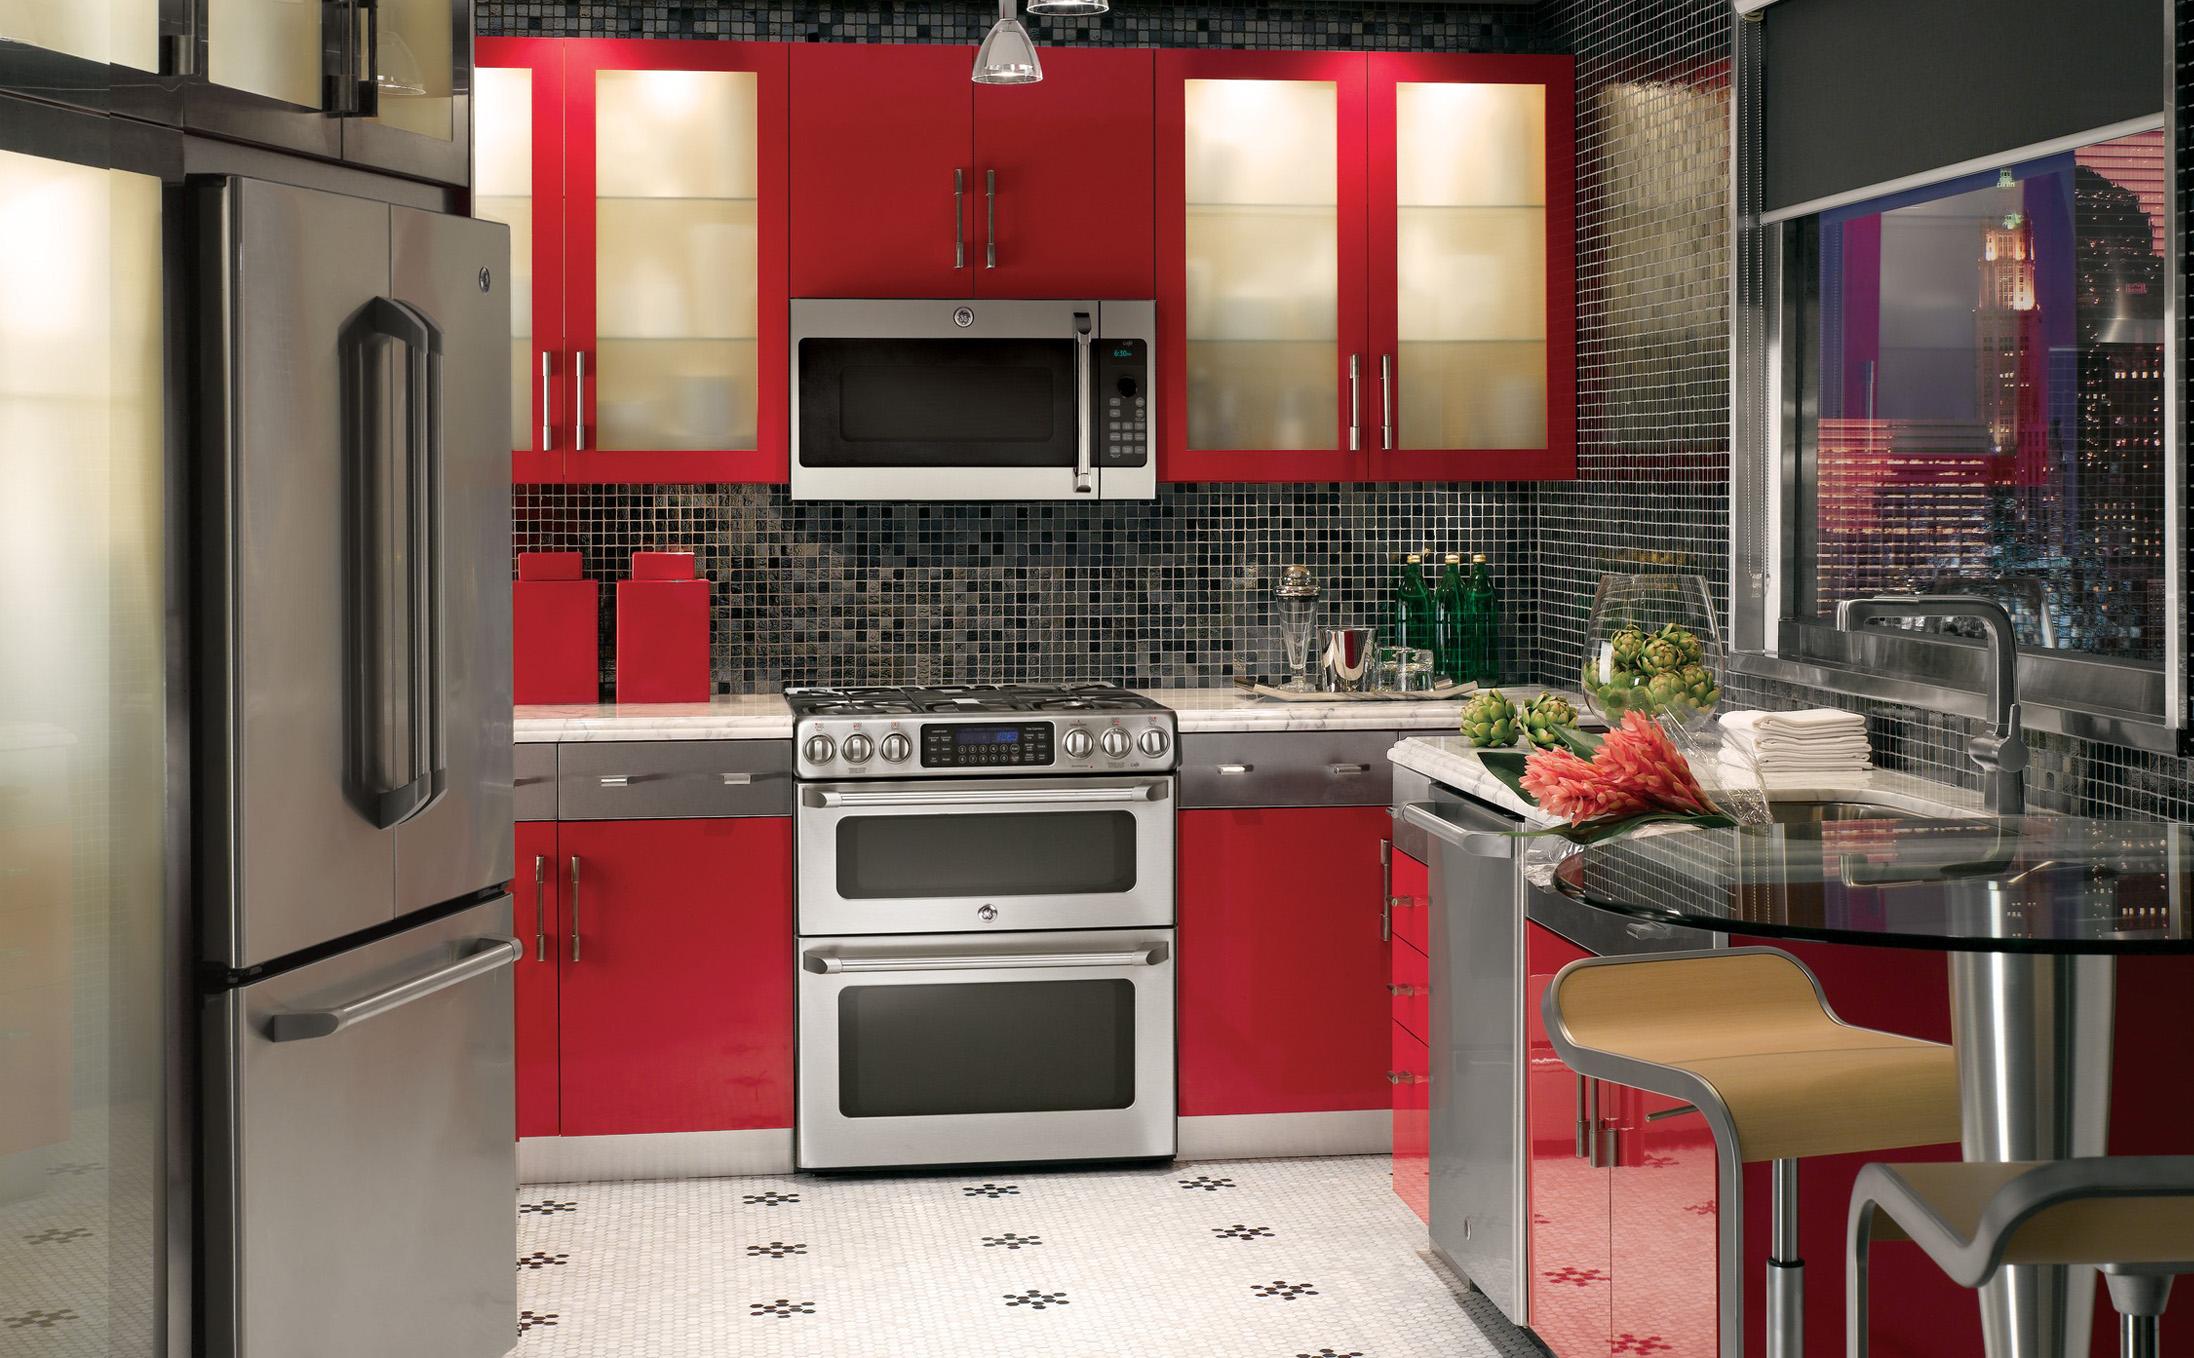 Kühlschrank Bekleben Retro : Moderne küche mit freistehendem kühlschrank retro kühlschrank